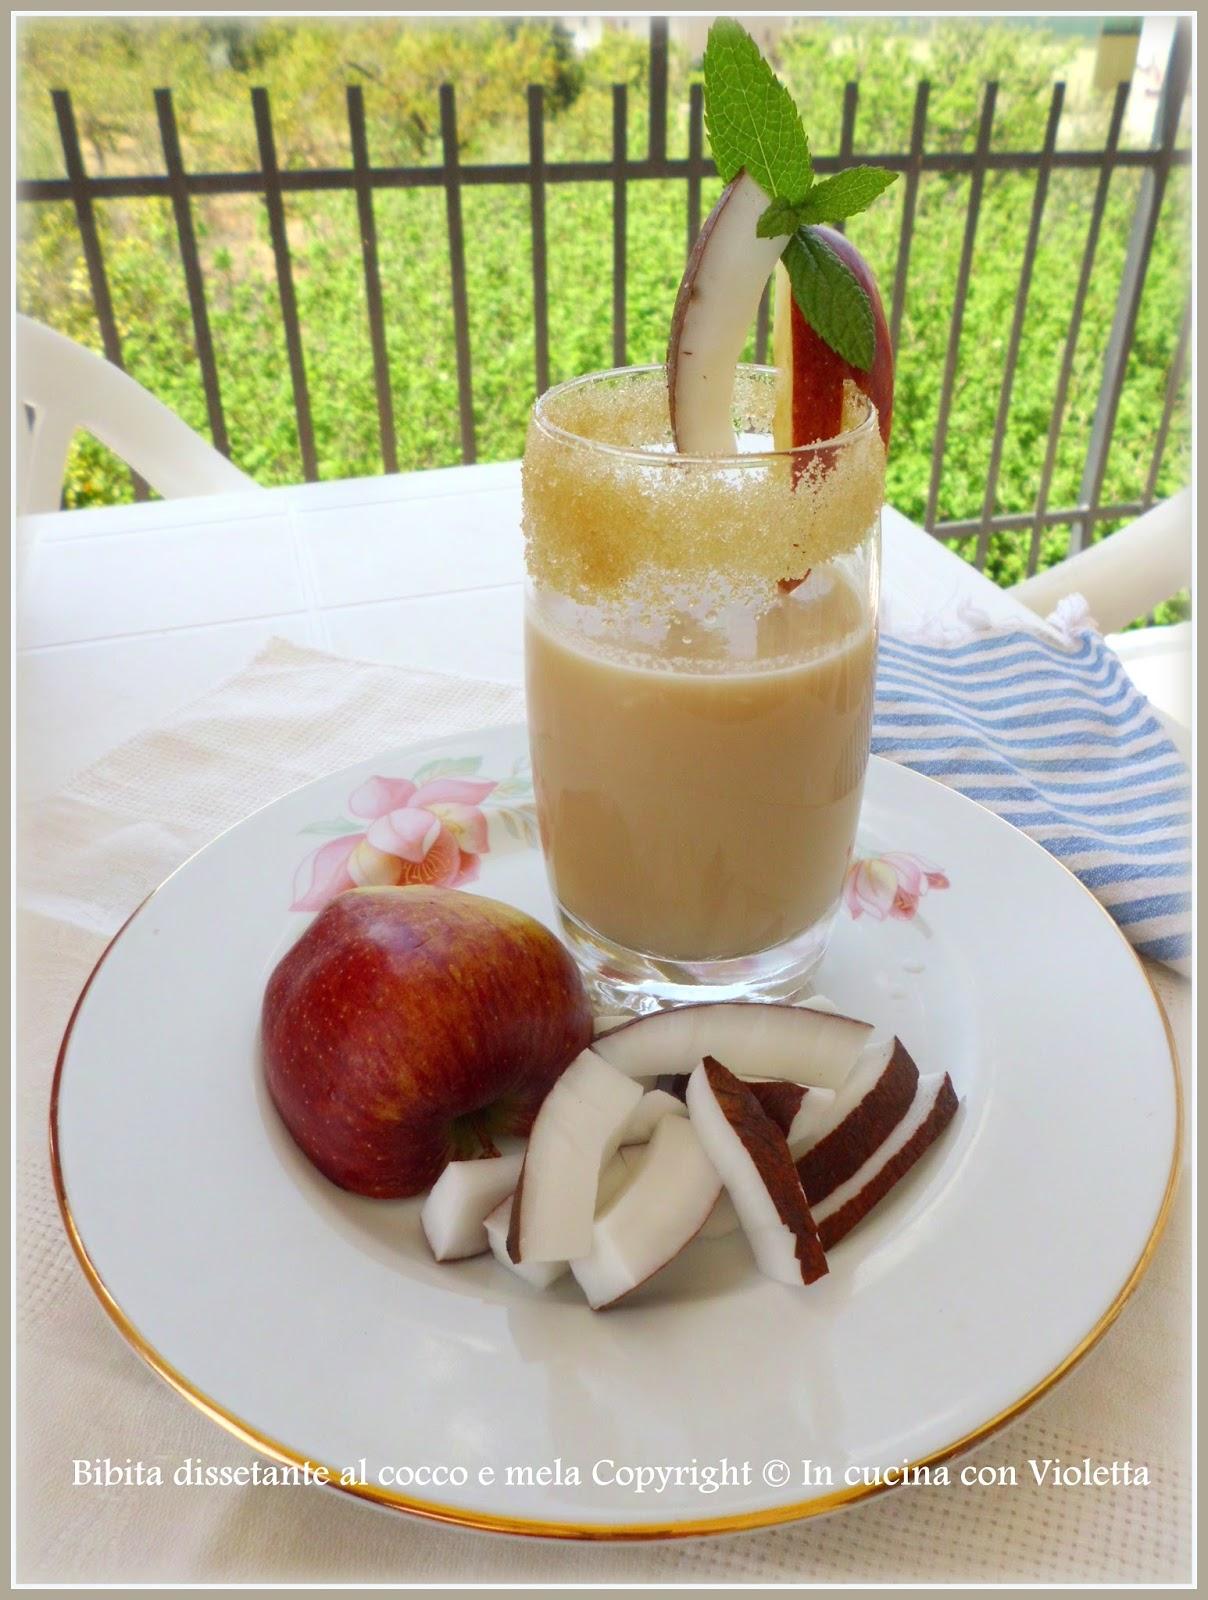 Bibita dissetante al cocco e mela Copyright © In cucina con Violetta